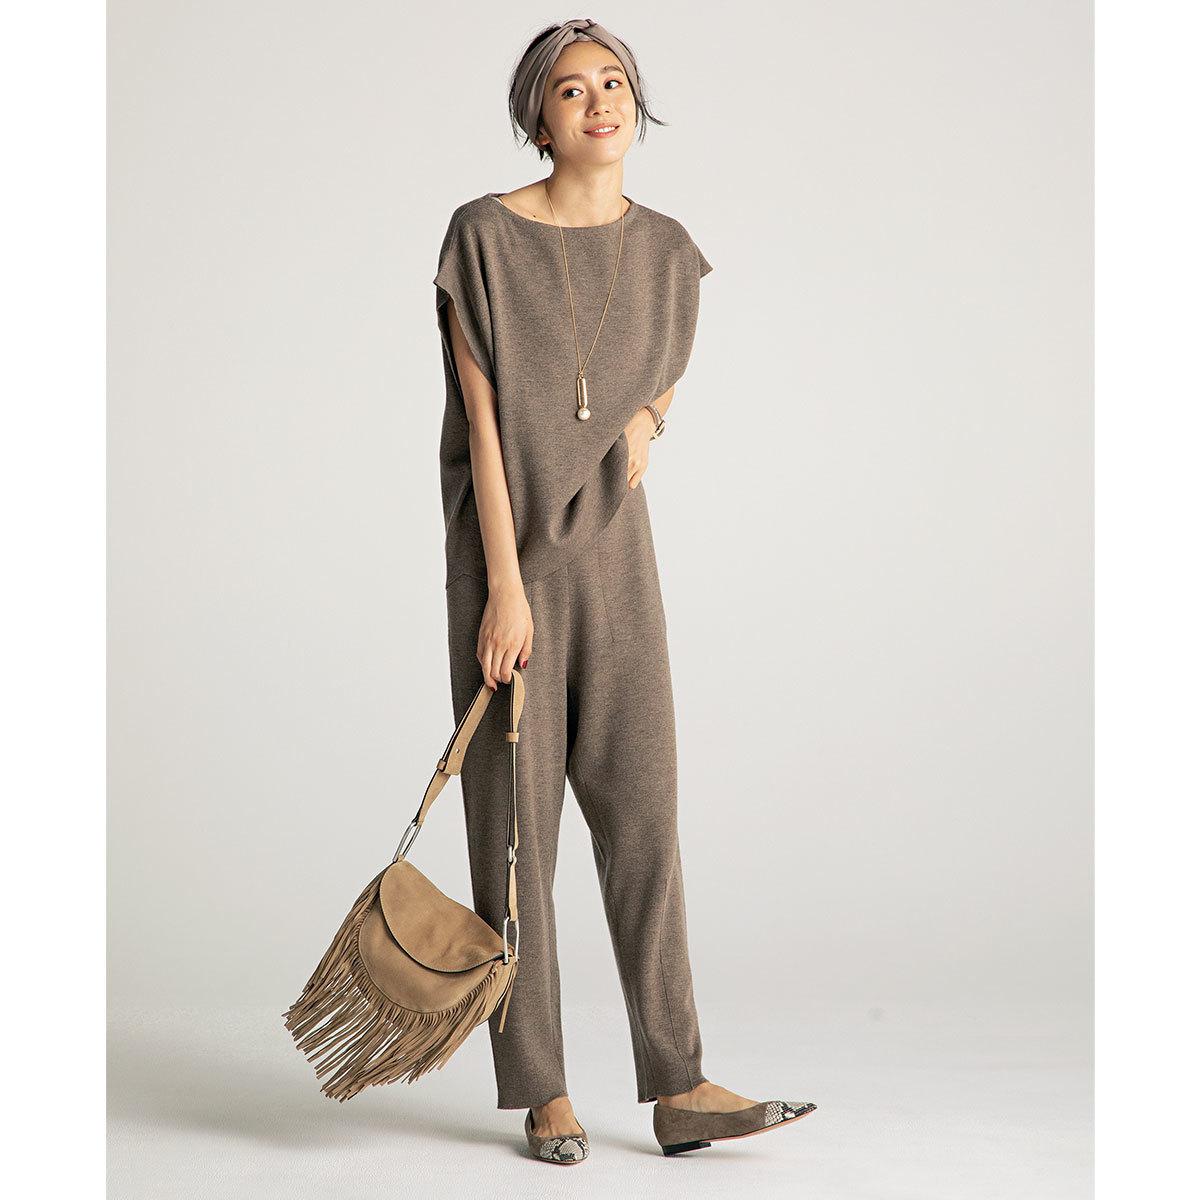 進化形ニットセットアップ×フラットシューズコーデを着たモデルの竹内友梨さん